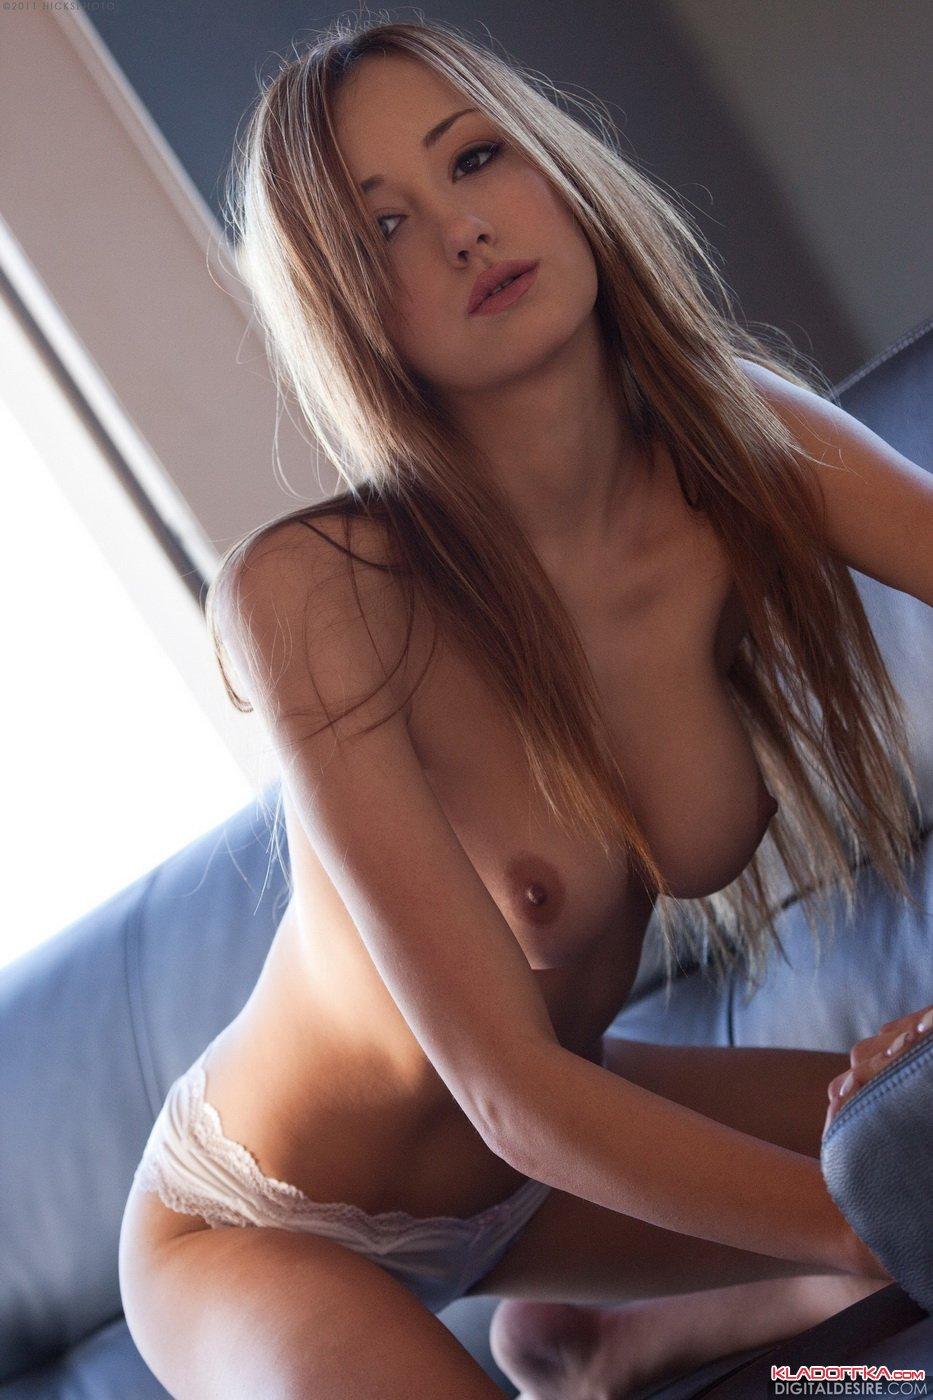 seks-foto-devushki-v-krasivih-kruzhevnih-belih-trusikah-trusiki-pod